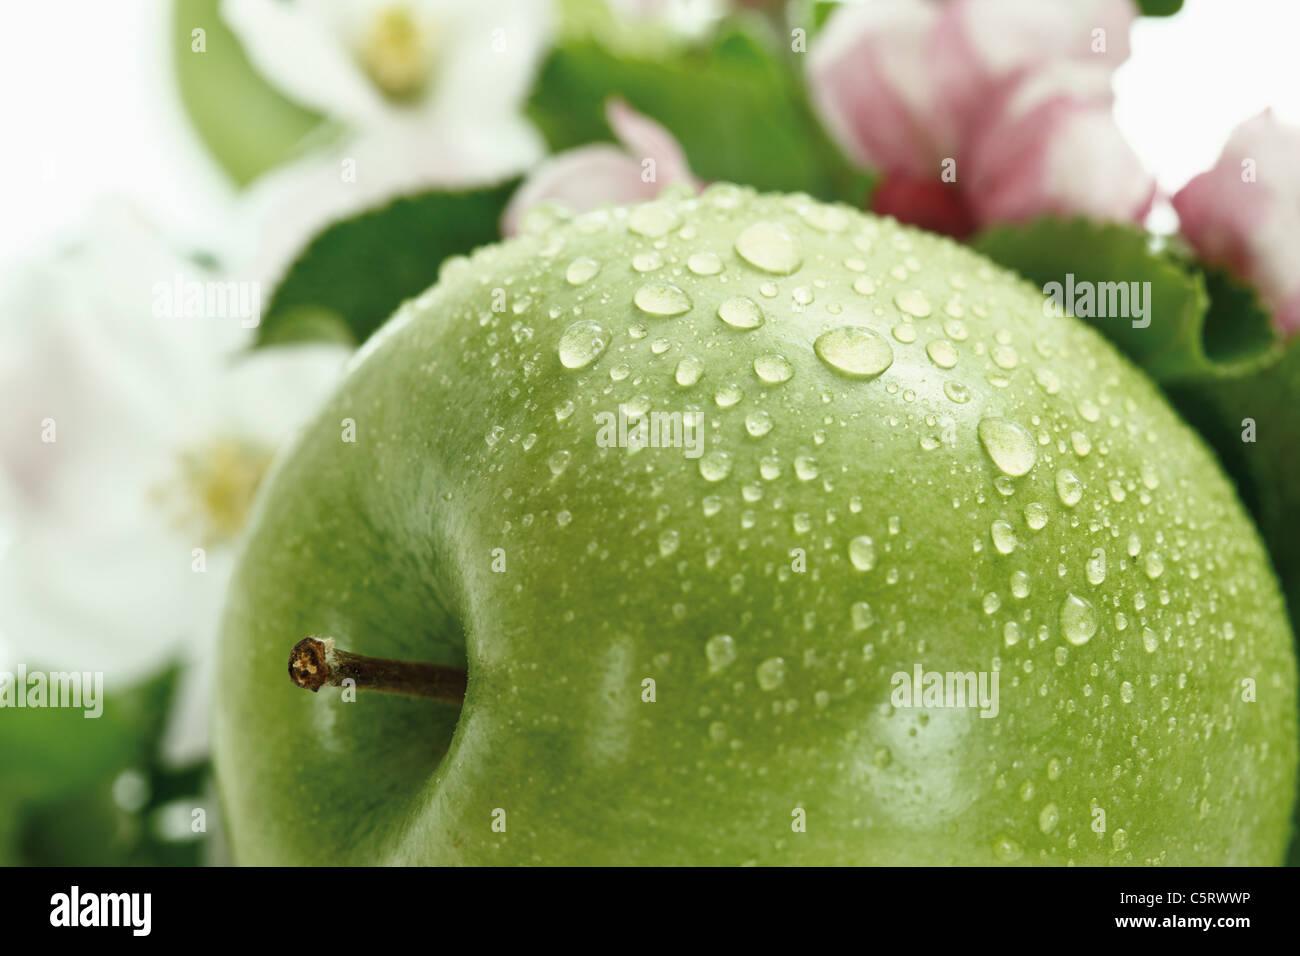 Manzana Verde con gotas de agua en el fondo, Apple Blossom close-up Imagen De Stock